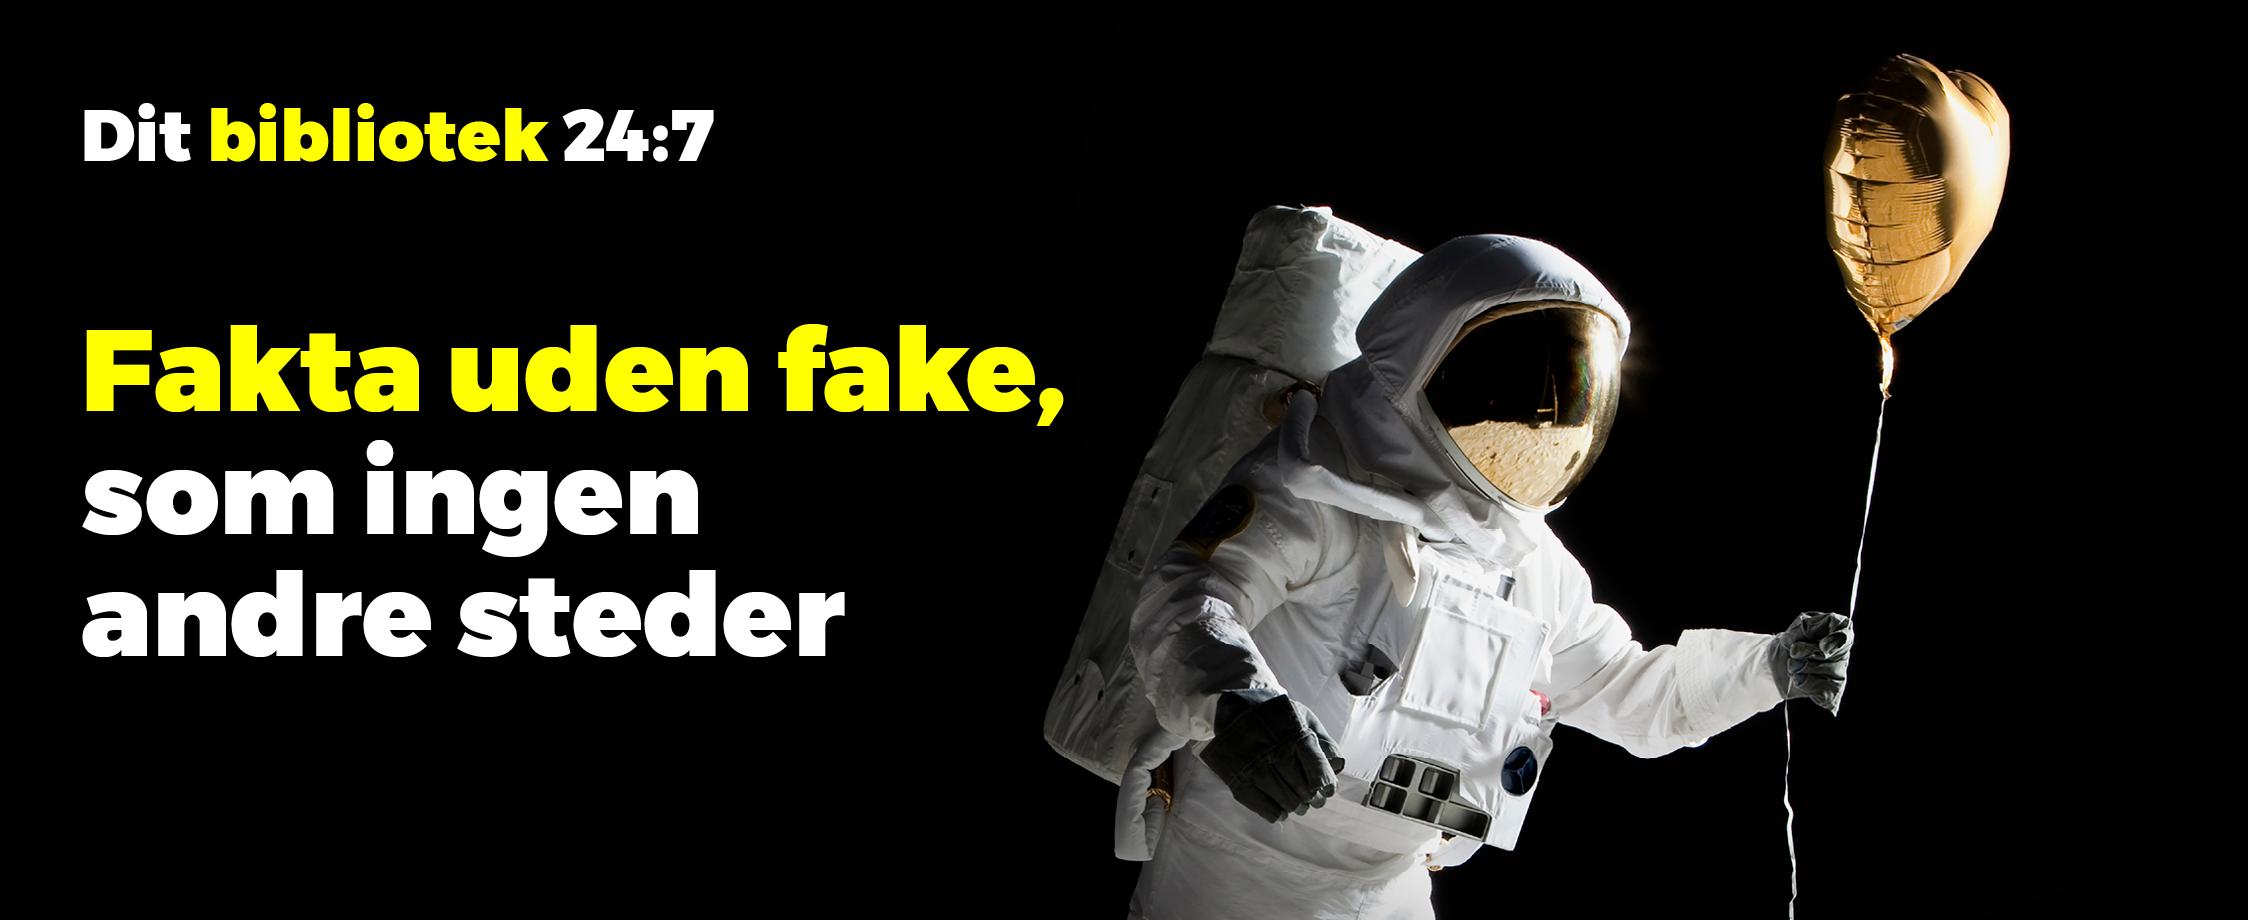 Fakta eller Fake.Fremhævet nyhed / Stort titelbillede. Format 2248x920